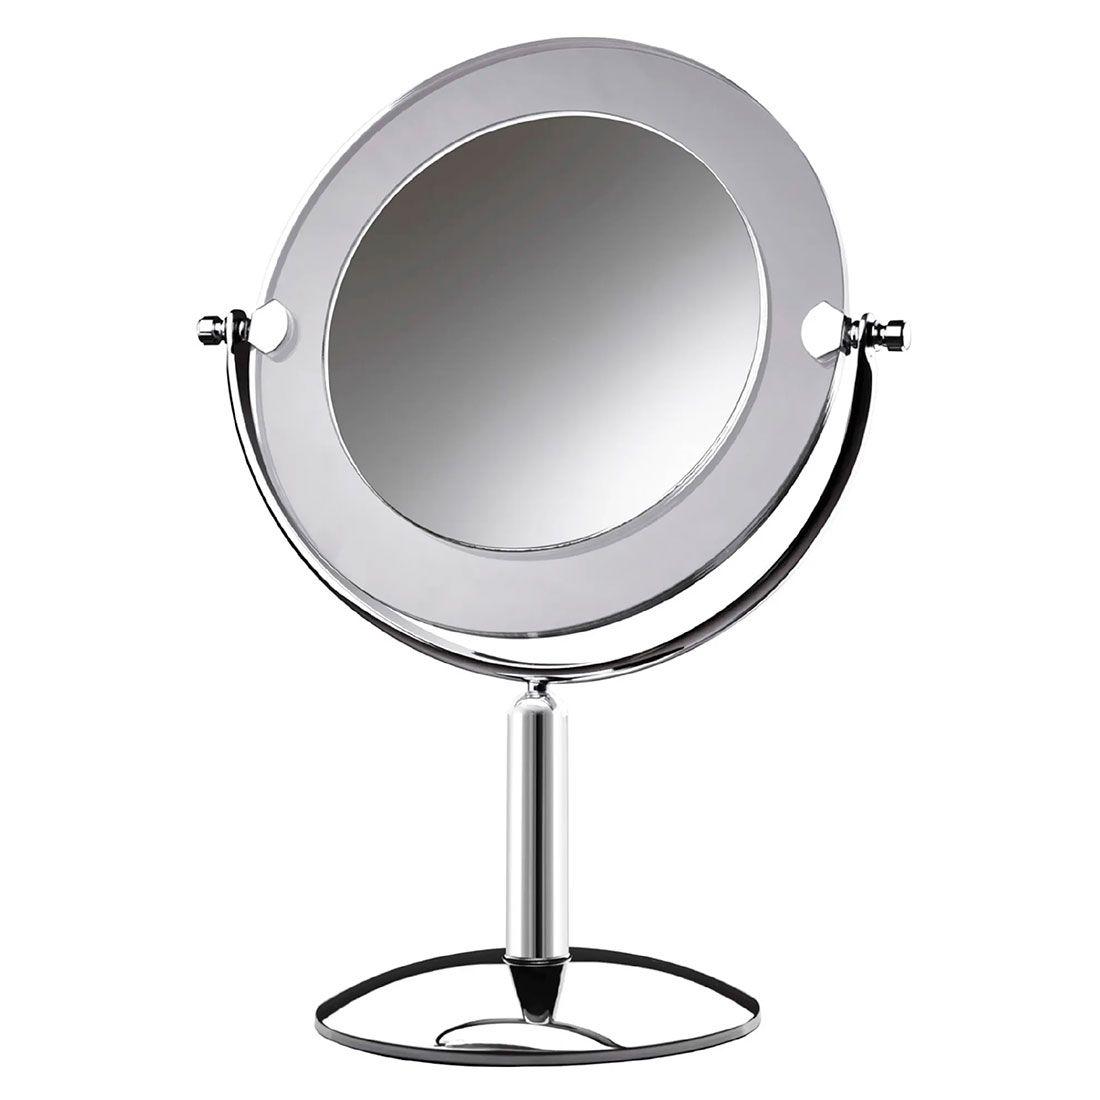 Espelho de Mesa Royale Cristal Cromado com Aumento de 5x para Maquiagem